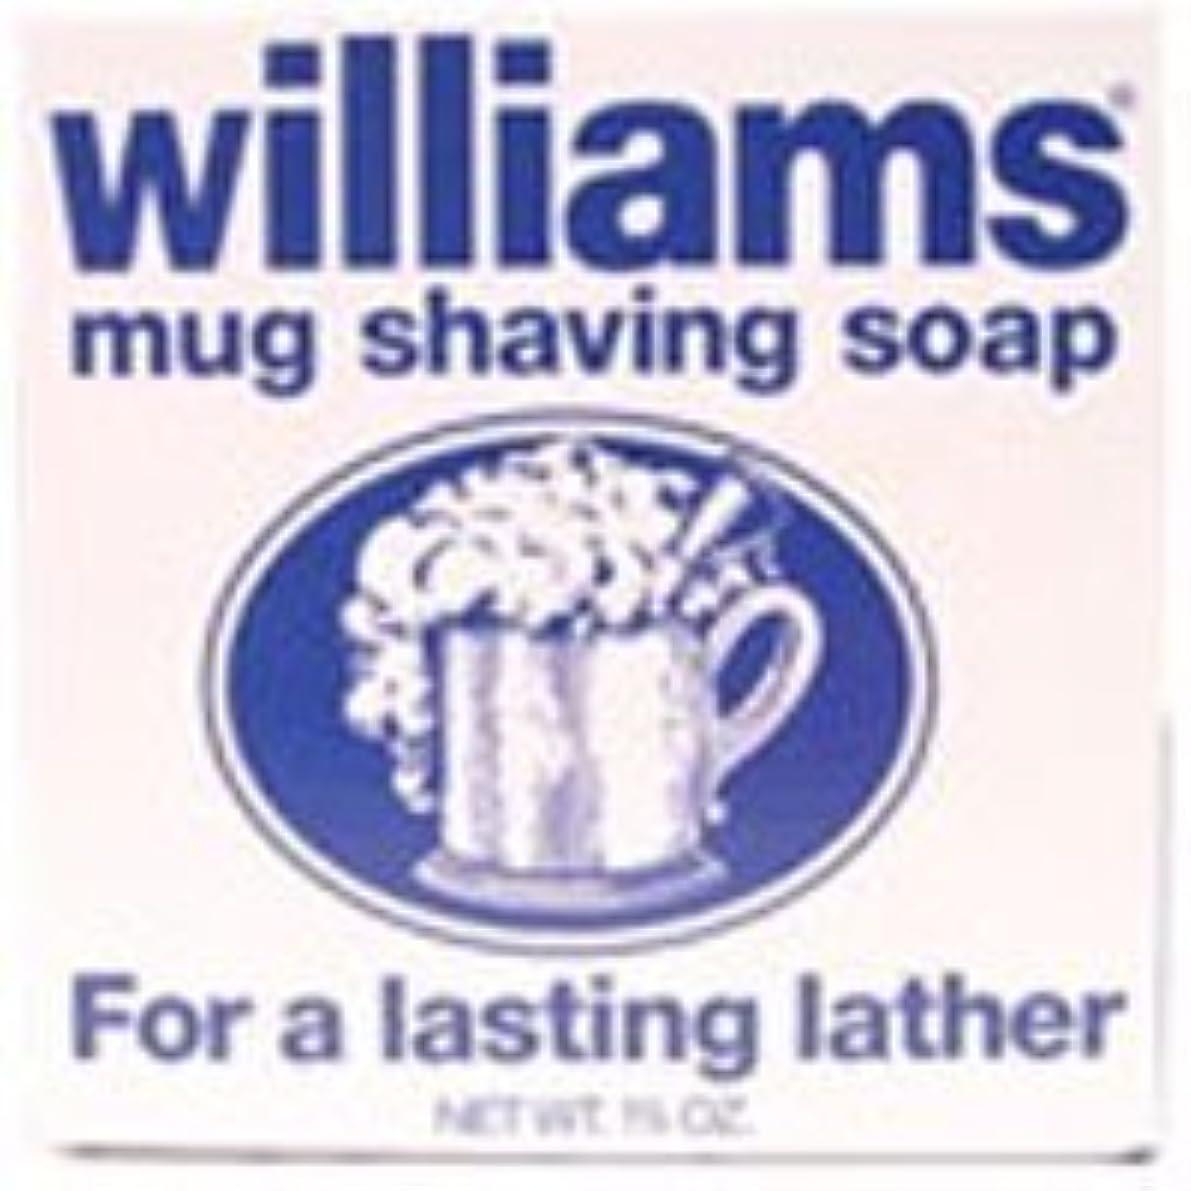 議論する信者慢Williams mug shaving soap - 1.7 oz [並行輸入品]